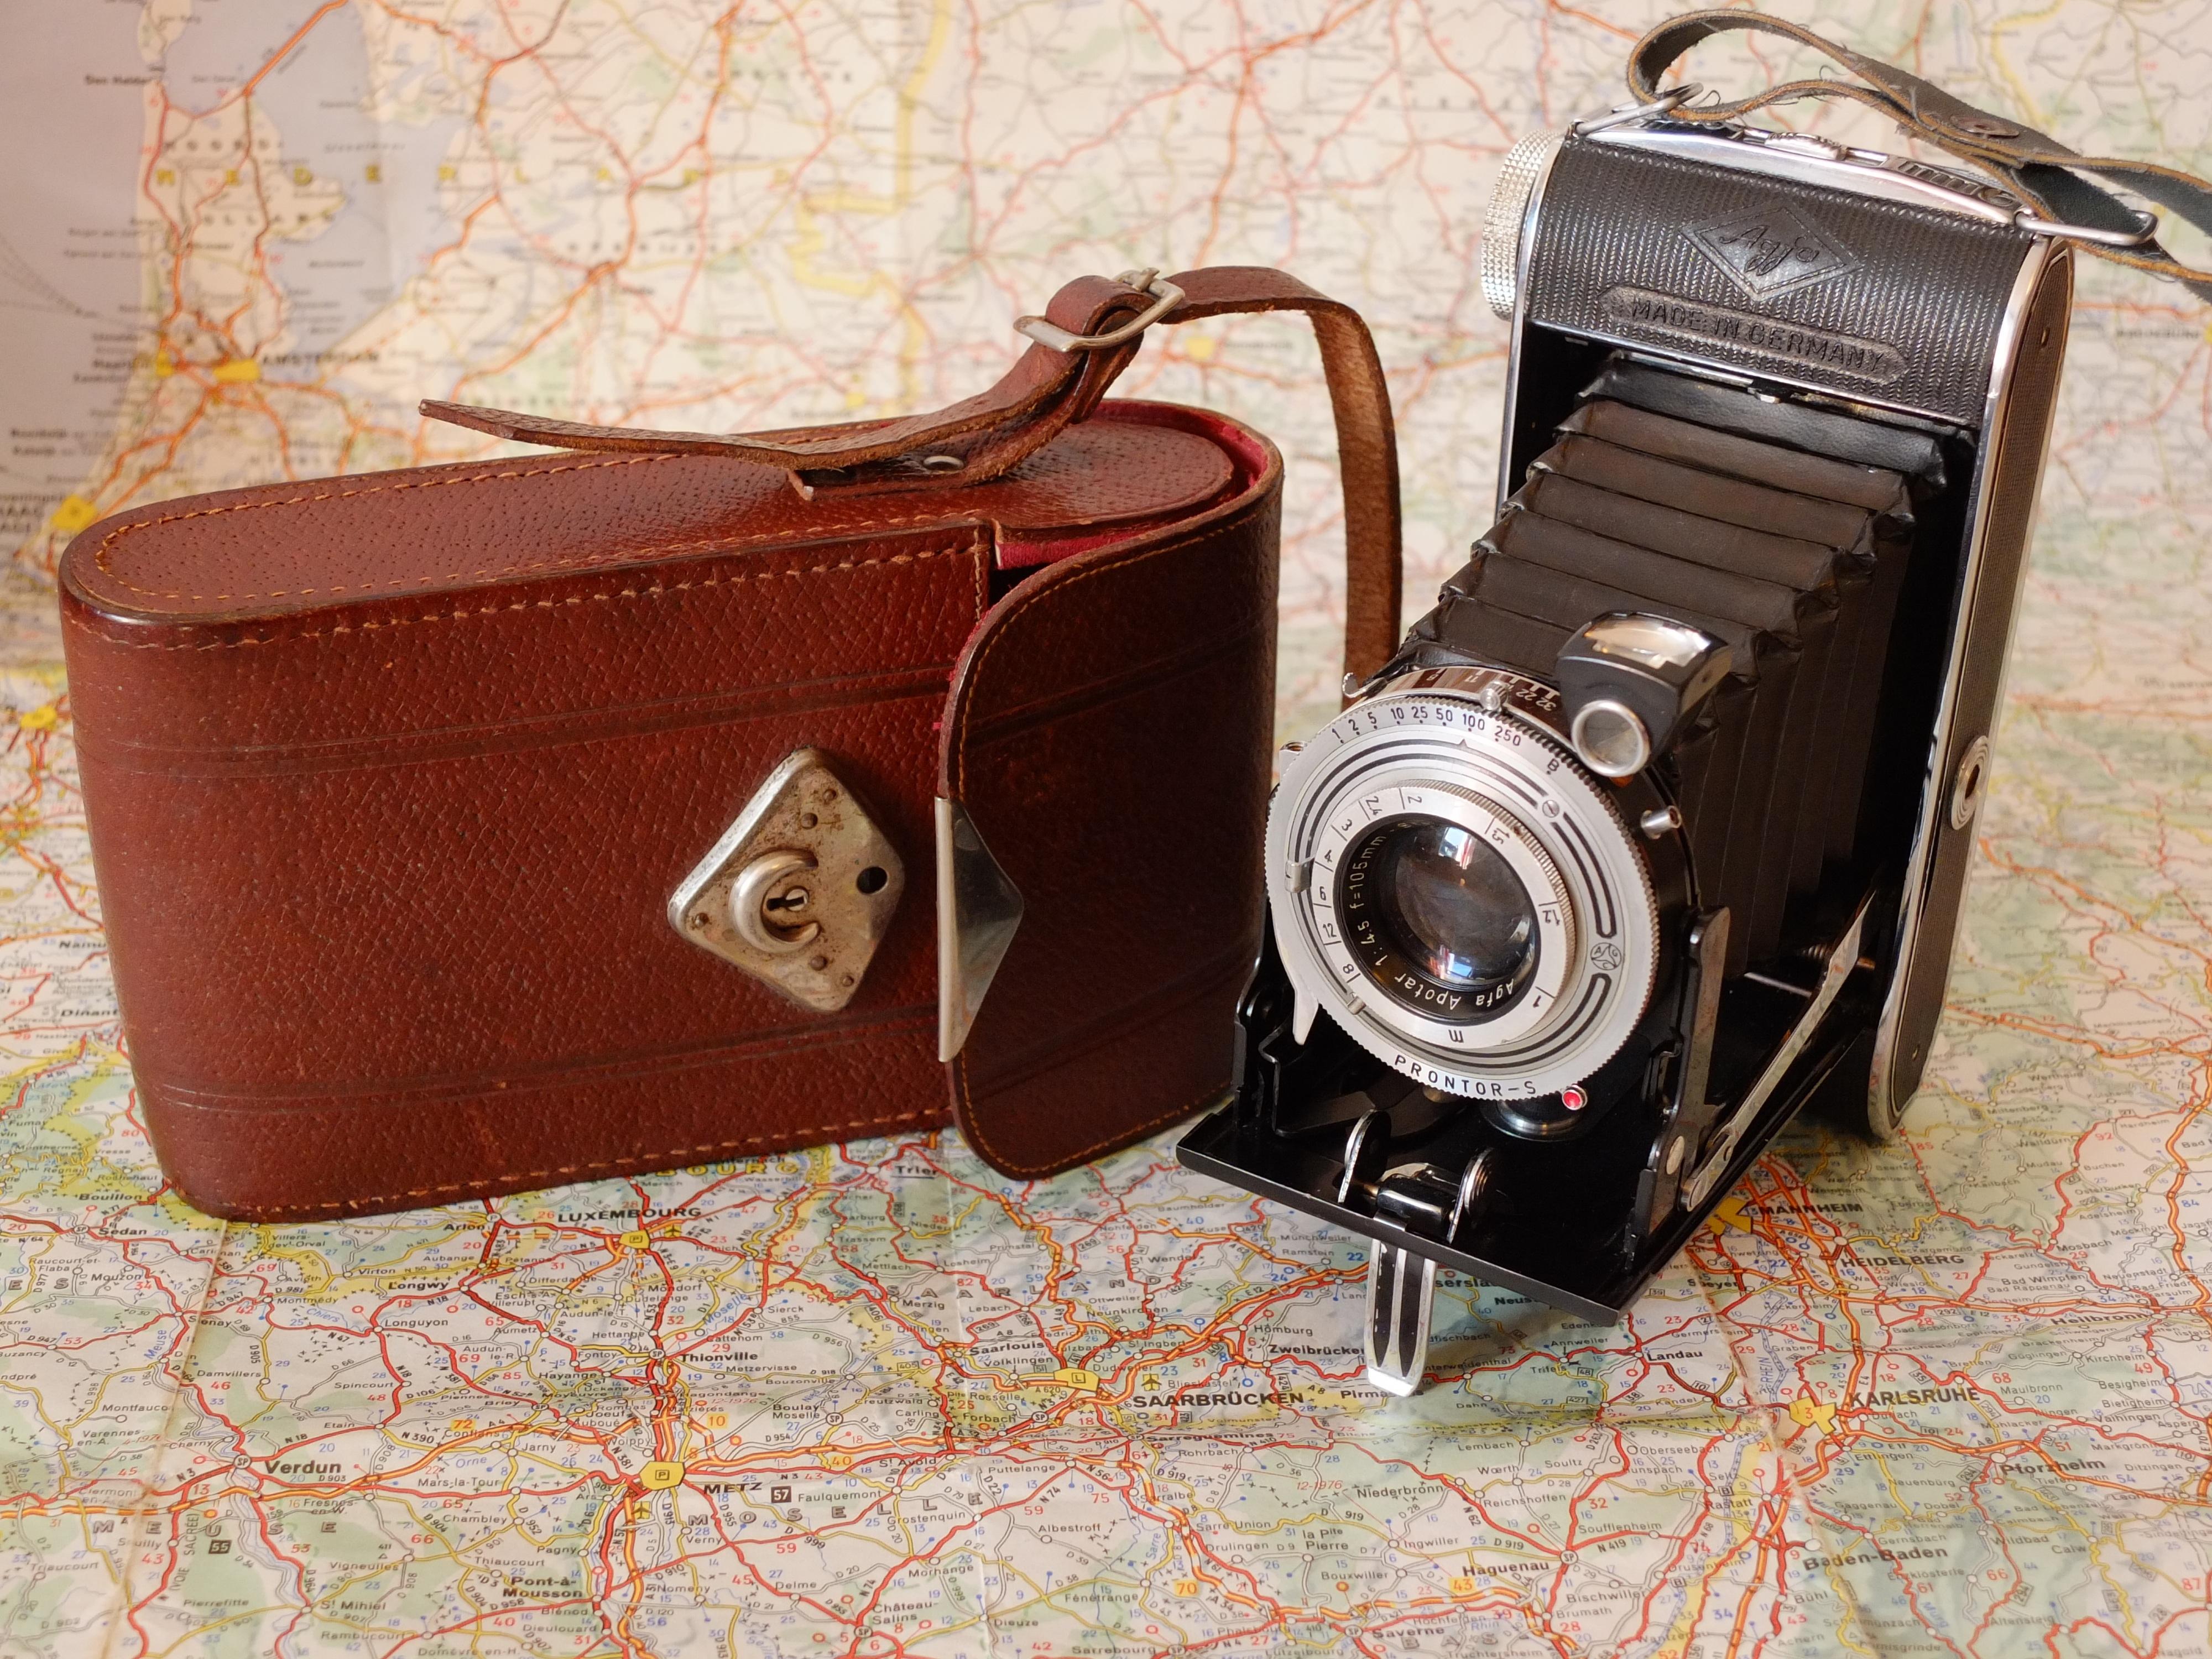 старинный немецкий фотоаппарат оценить ашкеназы один еврейский